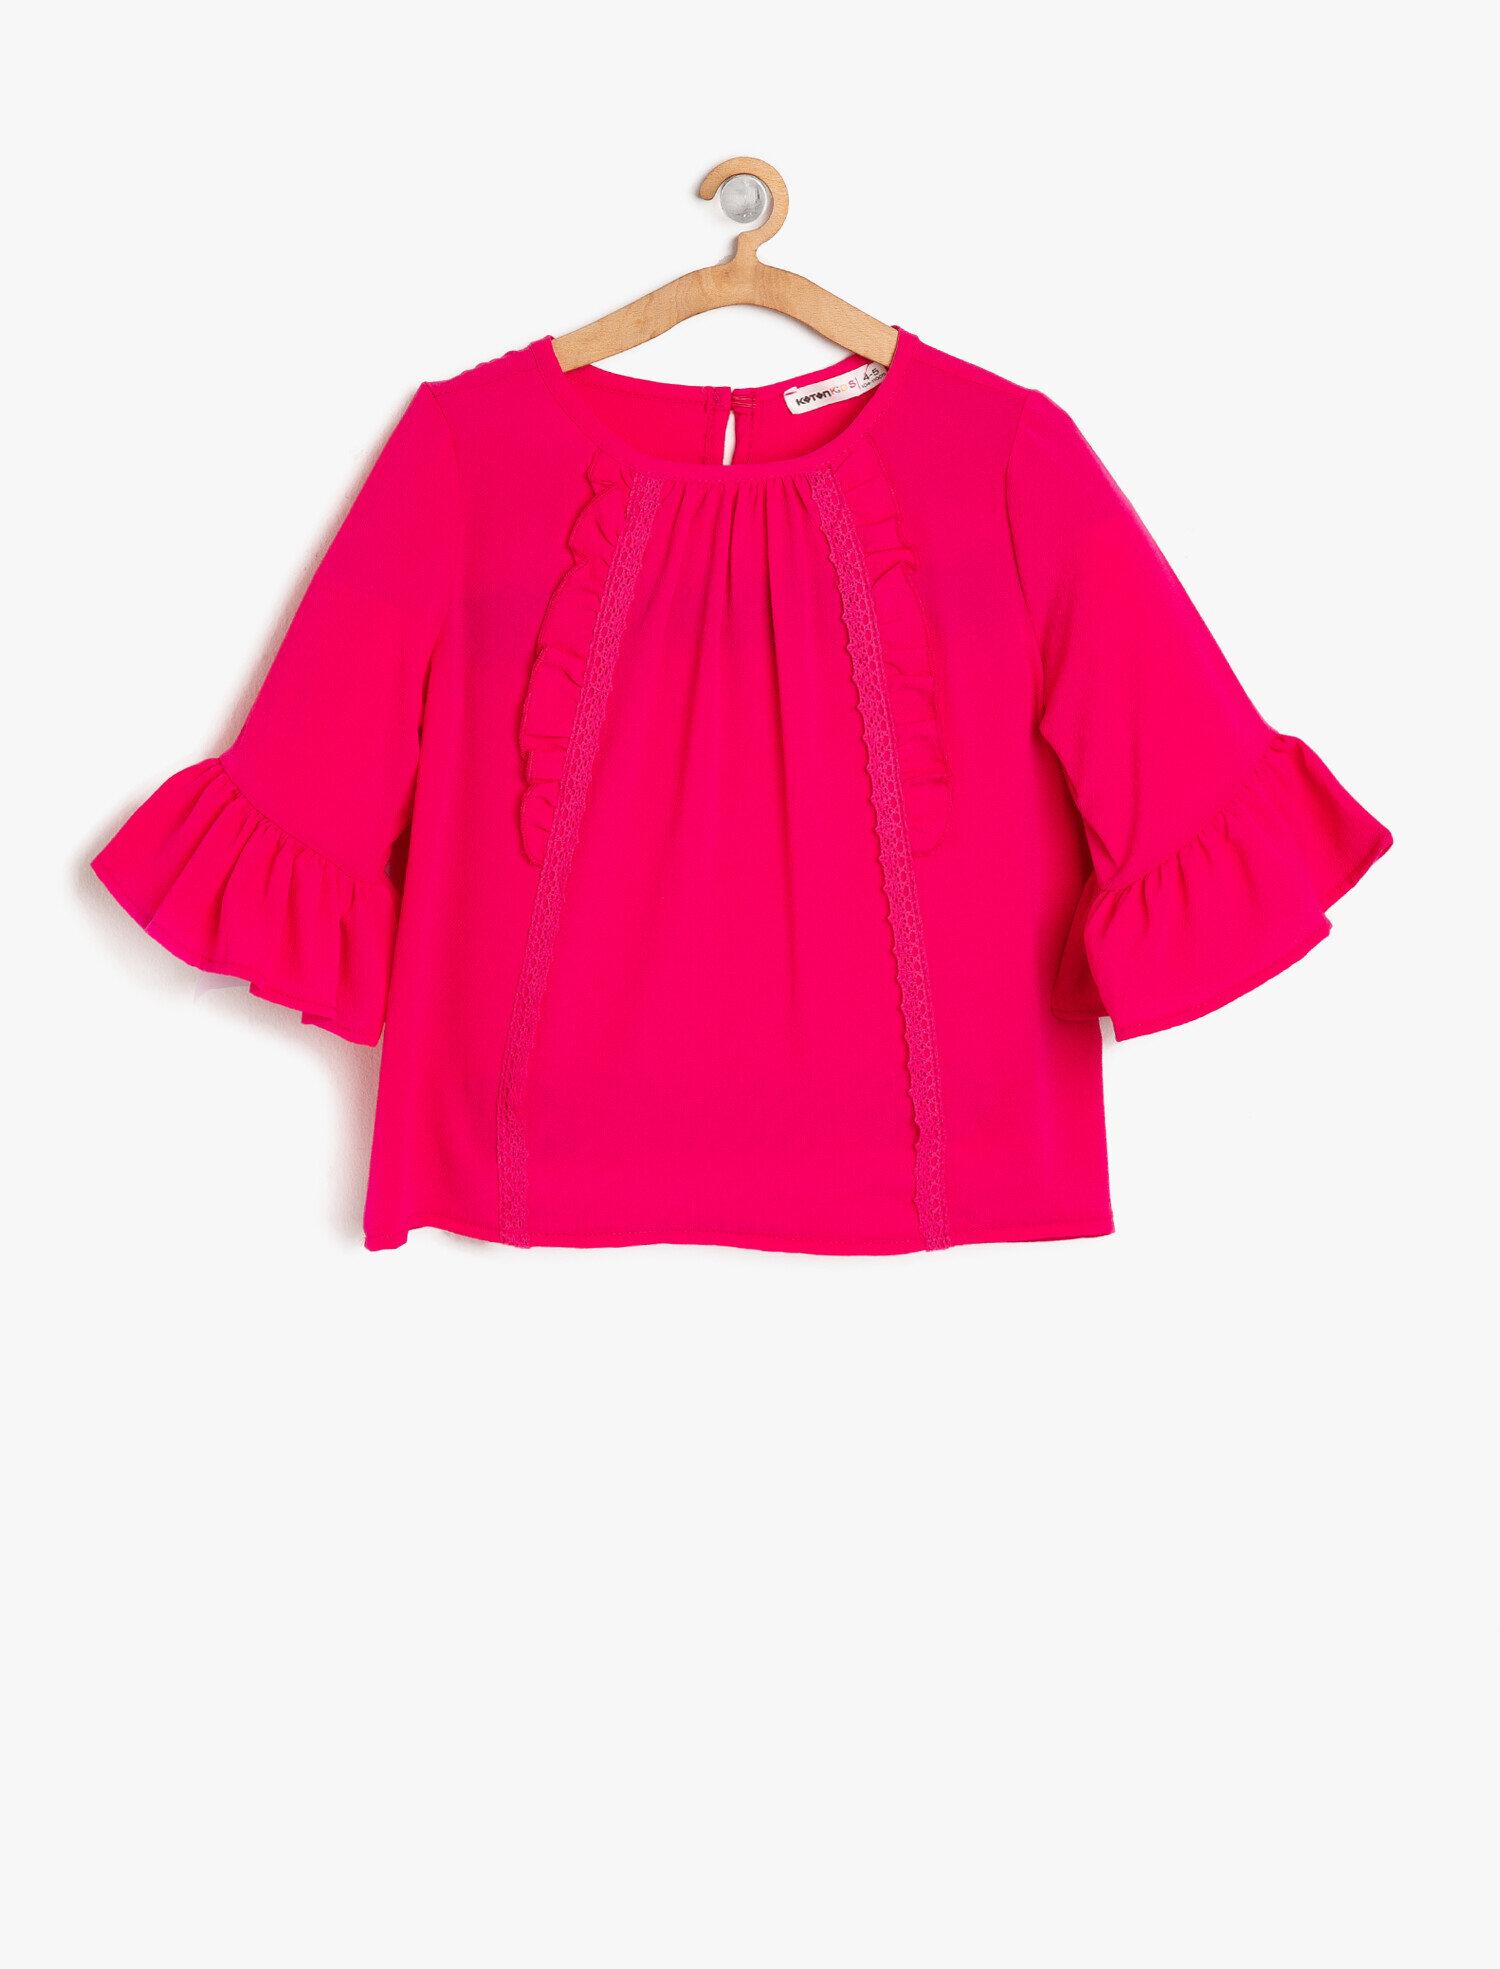 Koton Kız Çocuk Volanli Bluz Pembe Ürün Resmi